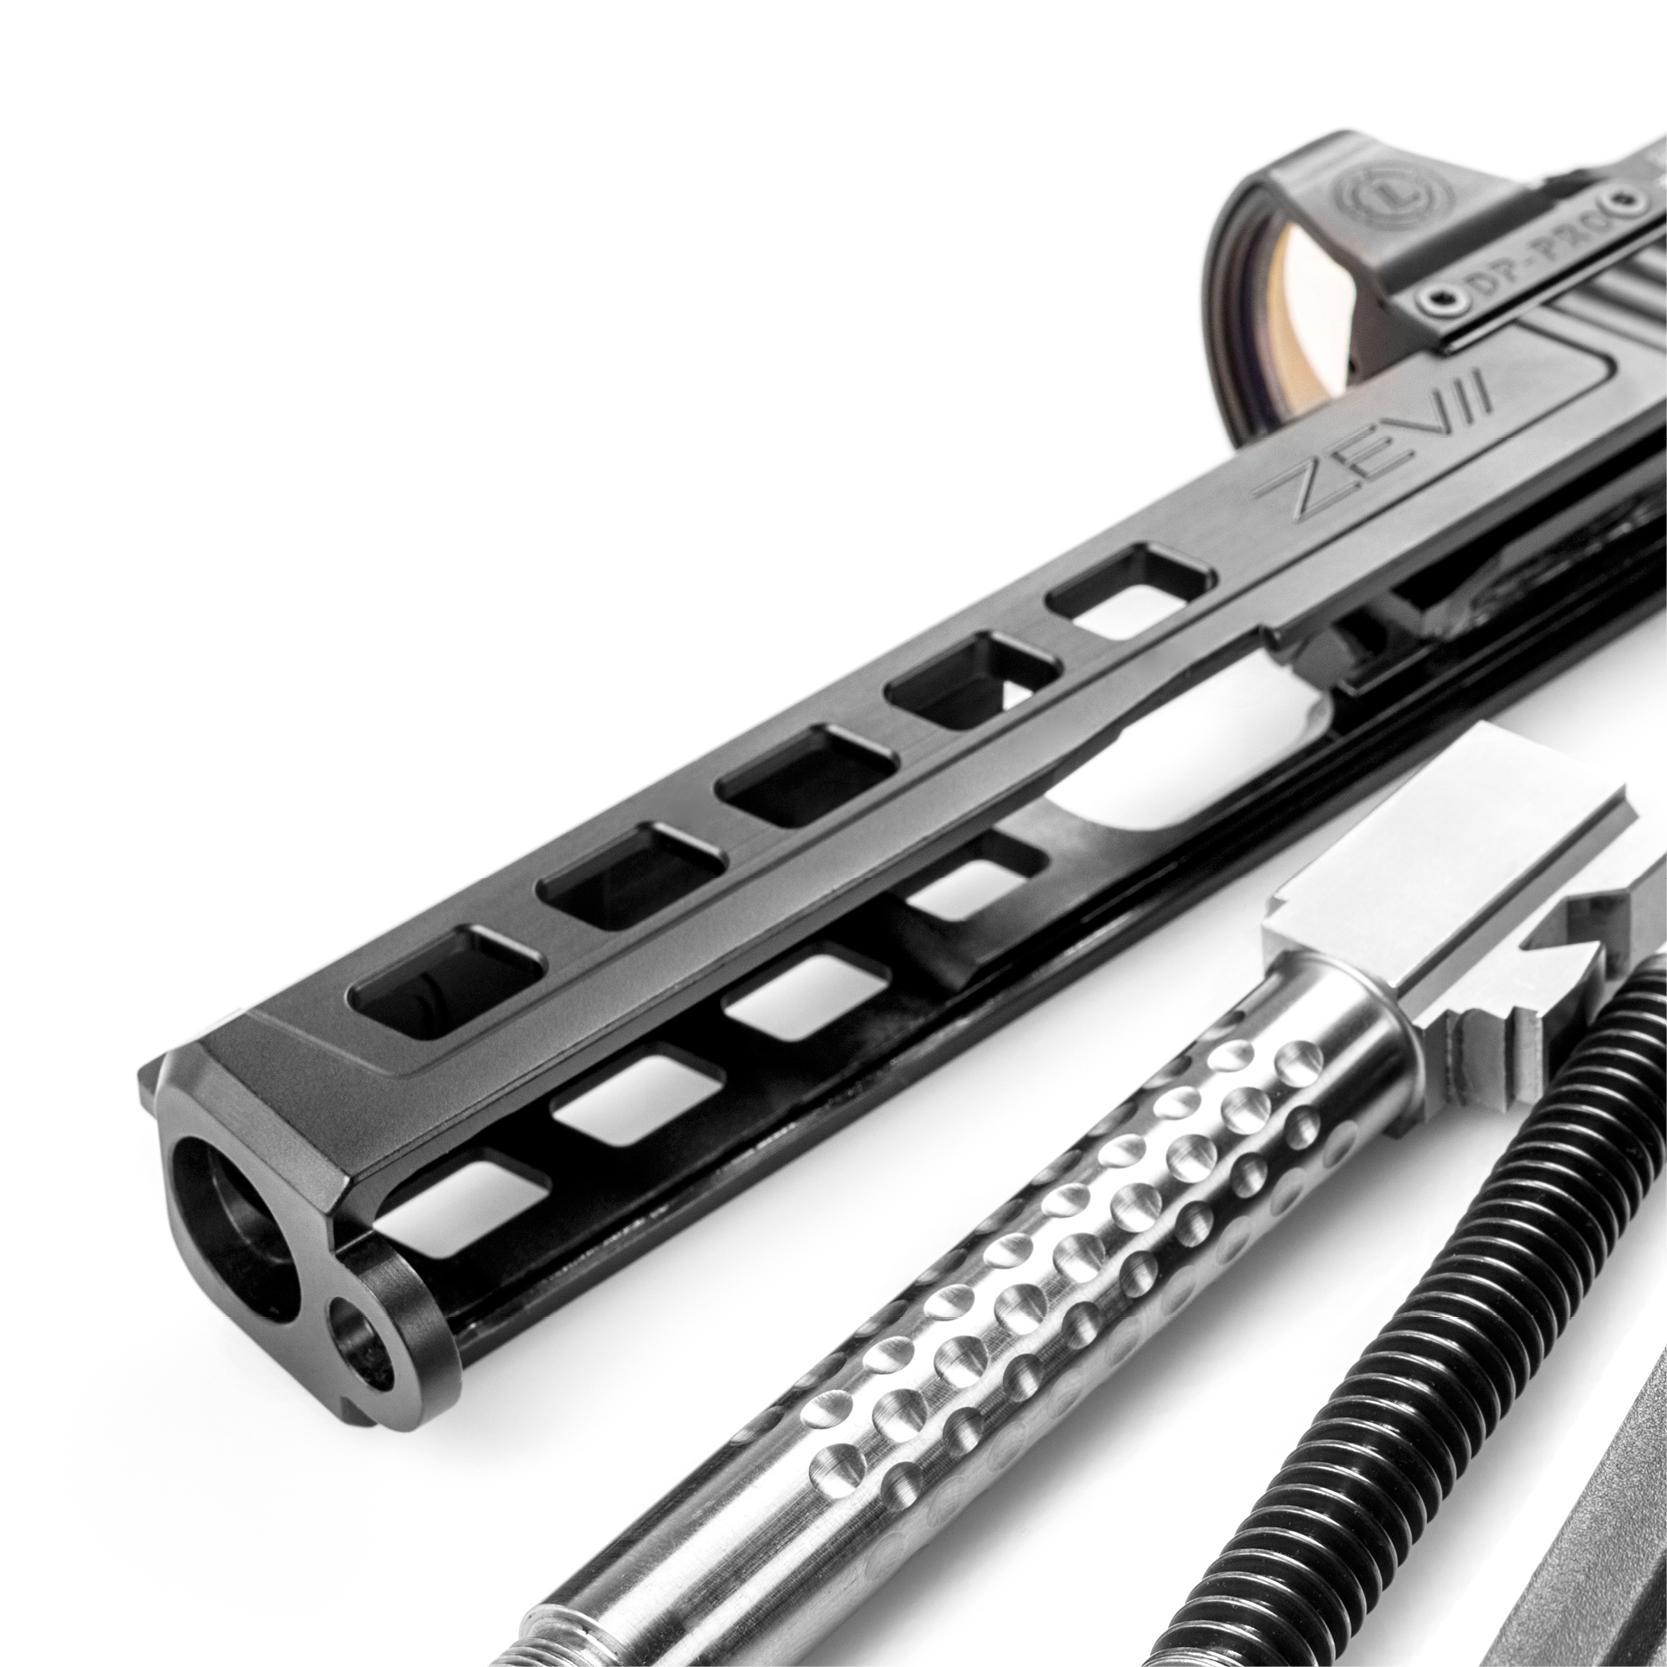 Glock Pistol Trigger Barrel Slide And Other Premium Upgrades 19 Diagram Slides